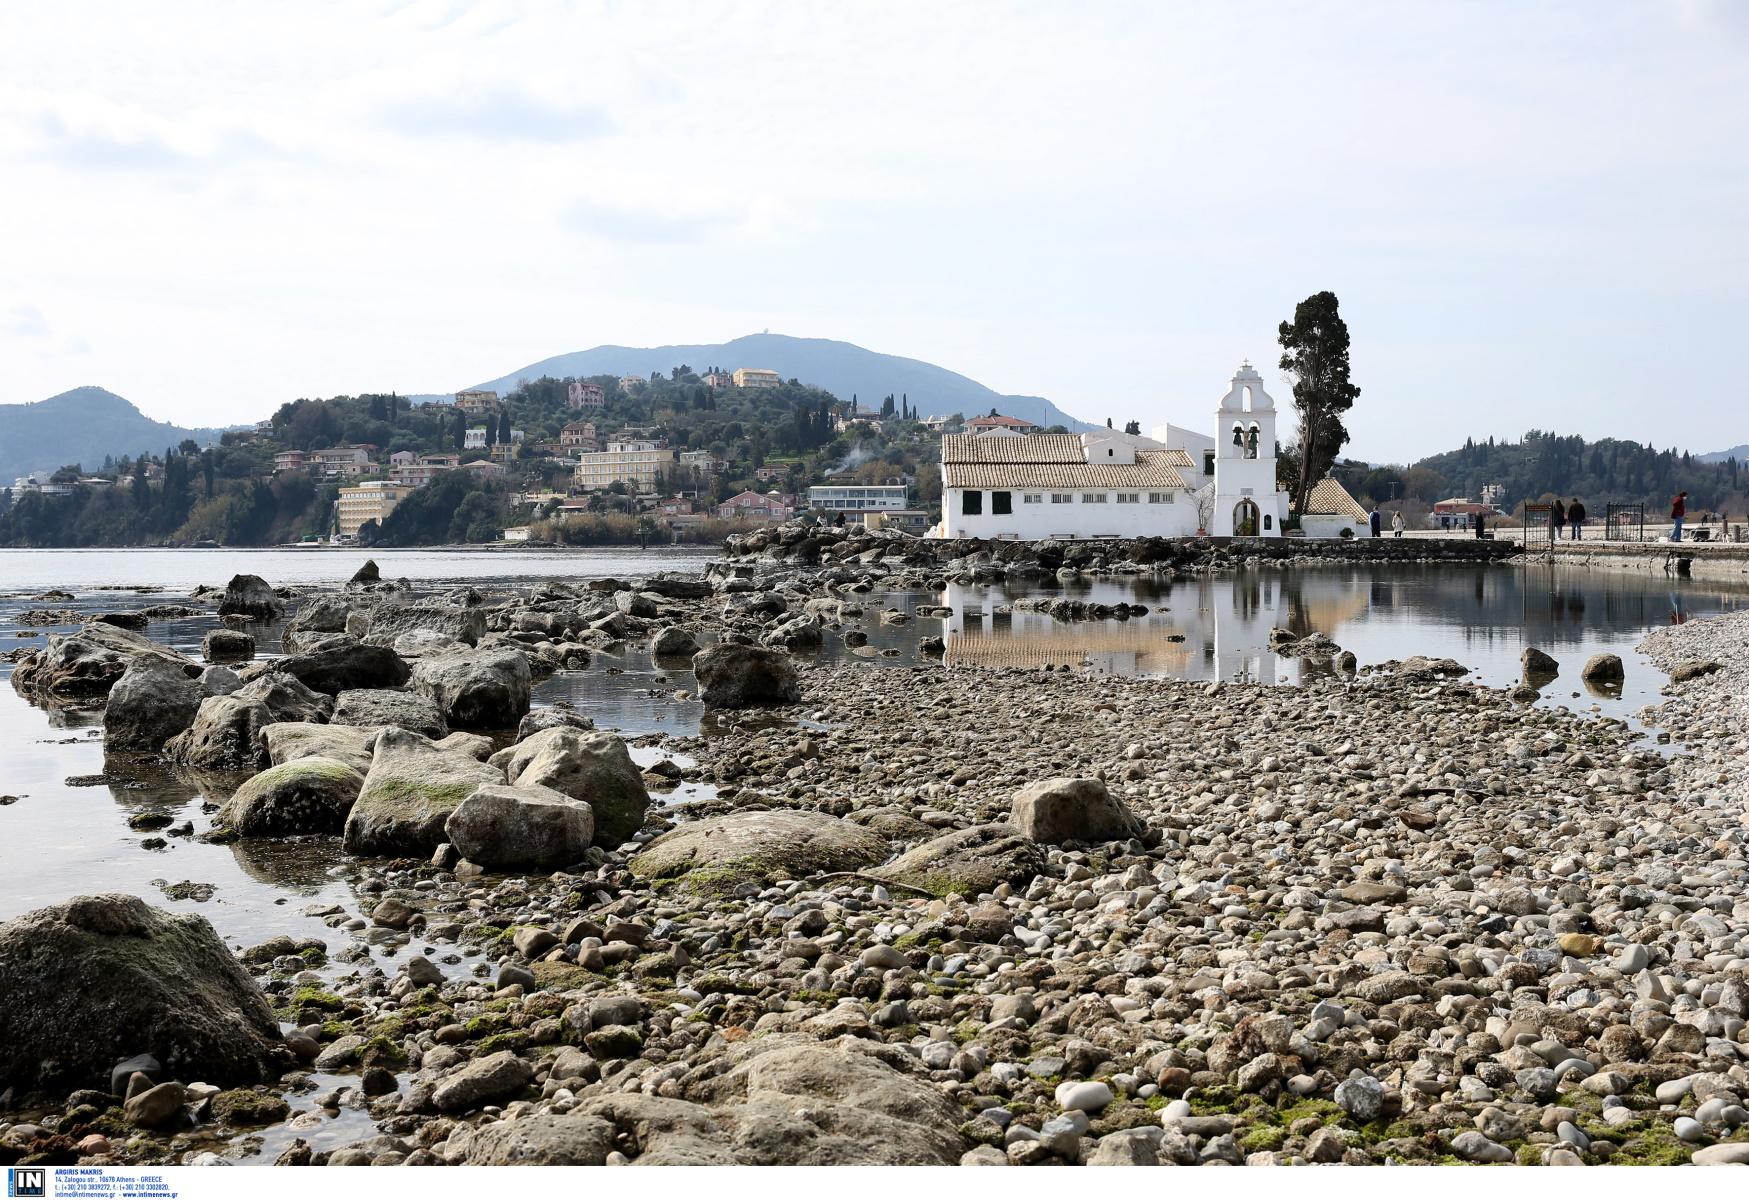 Εξαφανίστηκε η θάλασσα στην Κέρκυρα και το Καλοχώρι – Εικόνες Αποκάλυψης